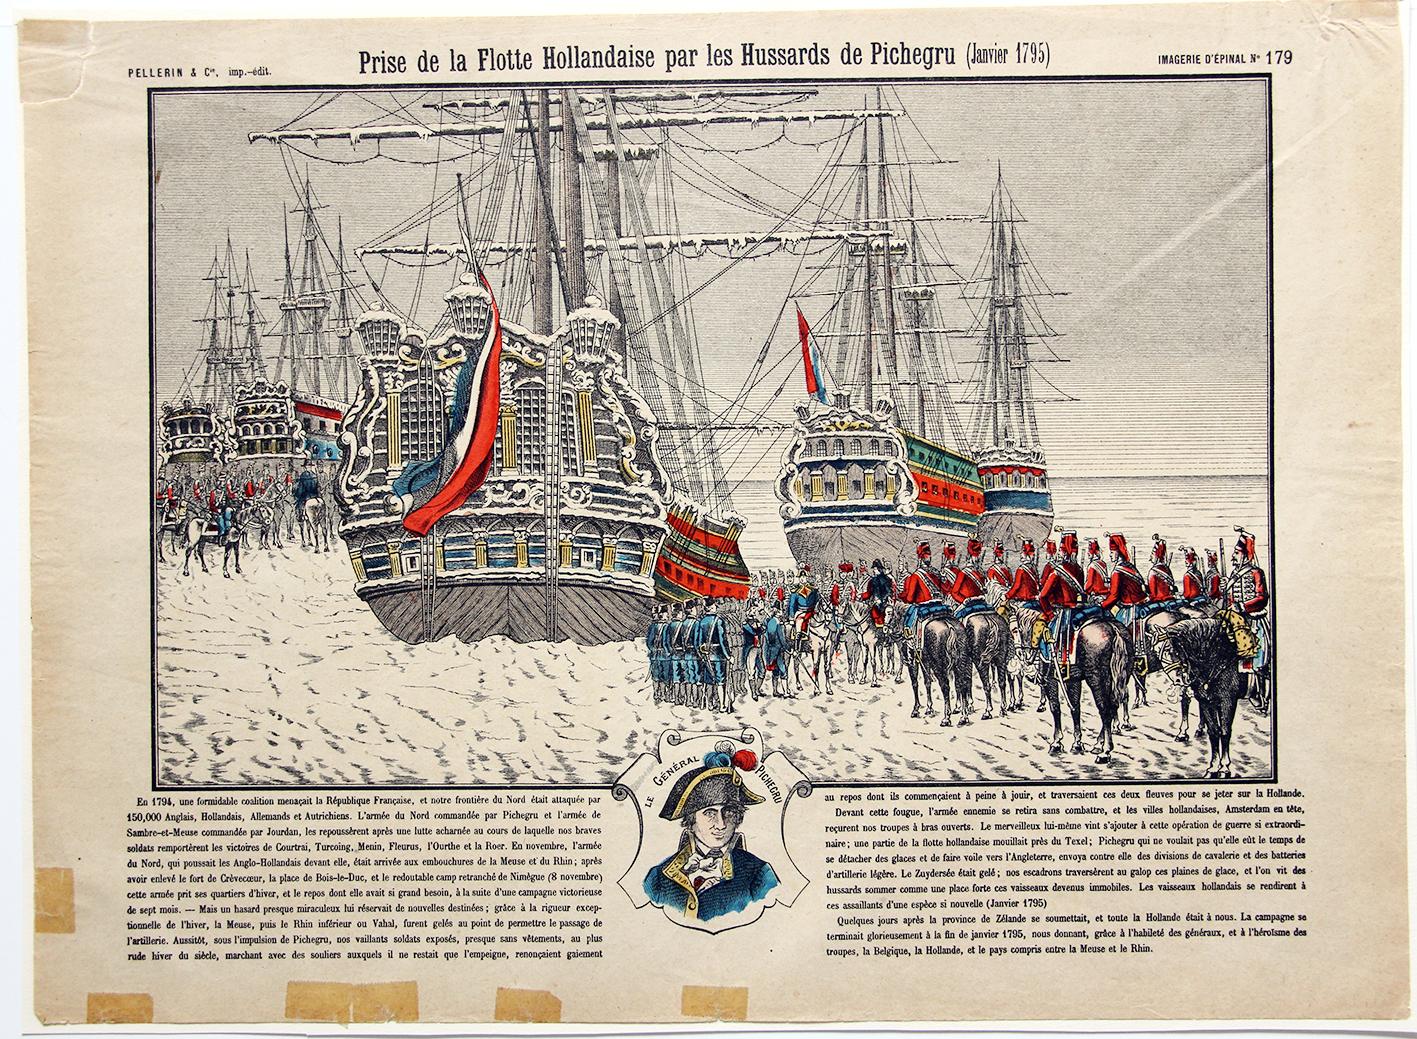 Planche imagerie Epinal - Prise de la flotte Hollandaise par les hussards de Pichegru - 1795 - Imagerie Populaire - Planche N°179